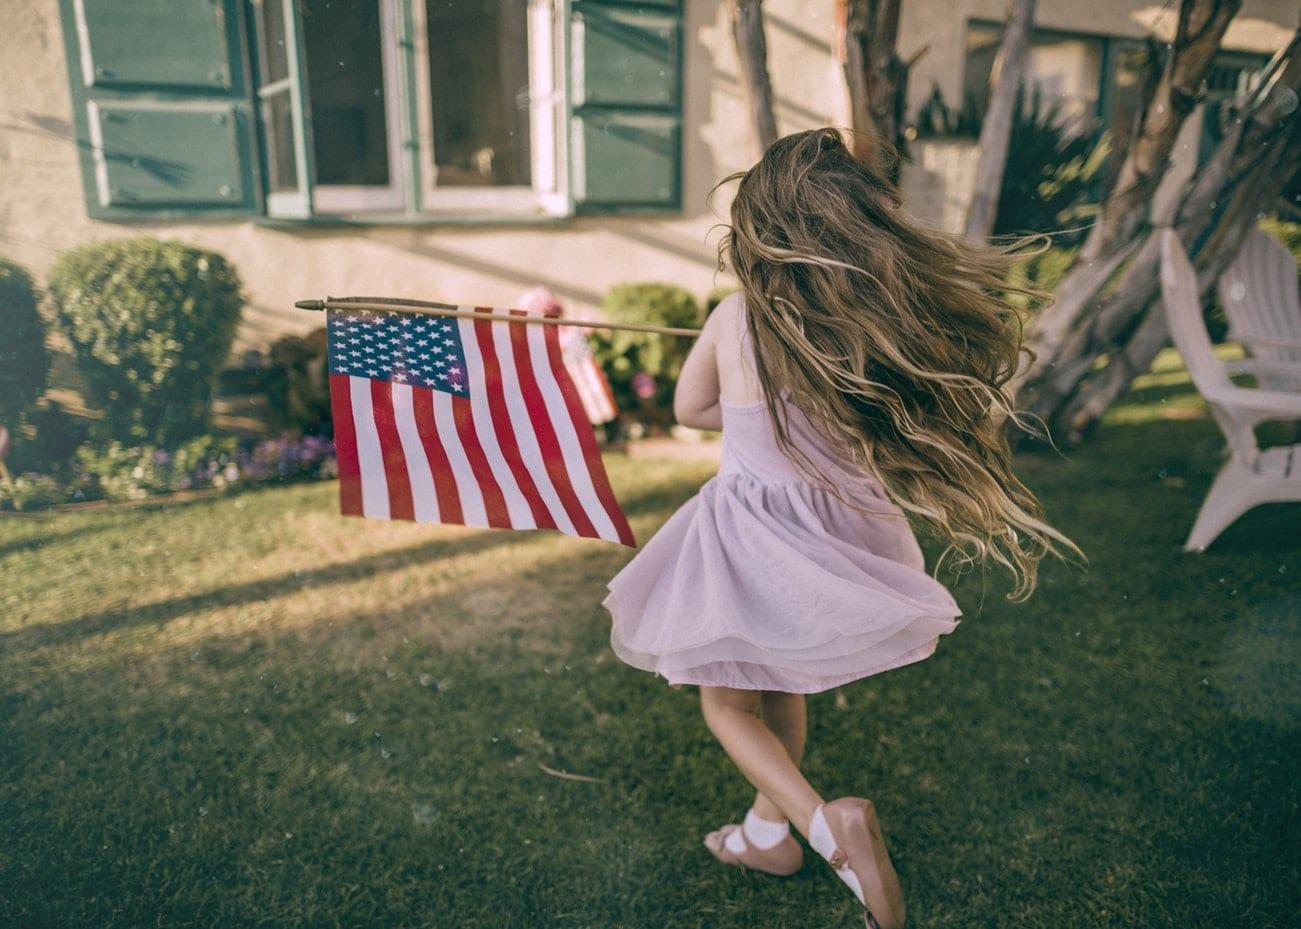 אזרחות אמריקאית לילדים באמצעות אמא